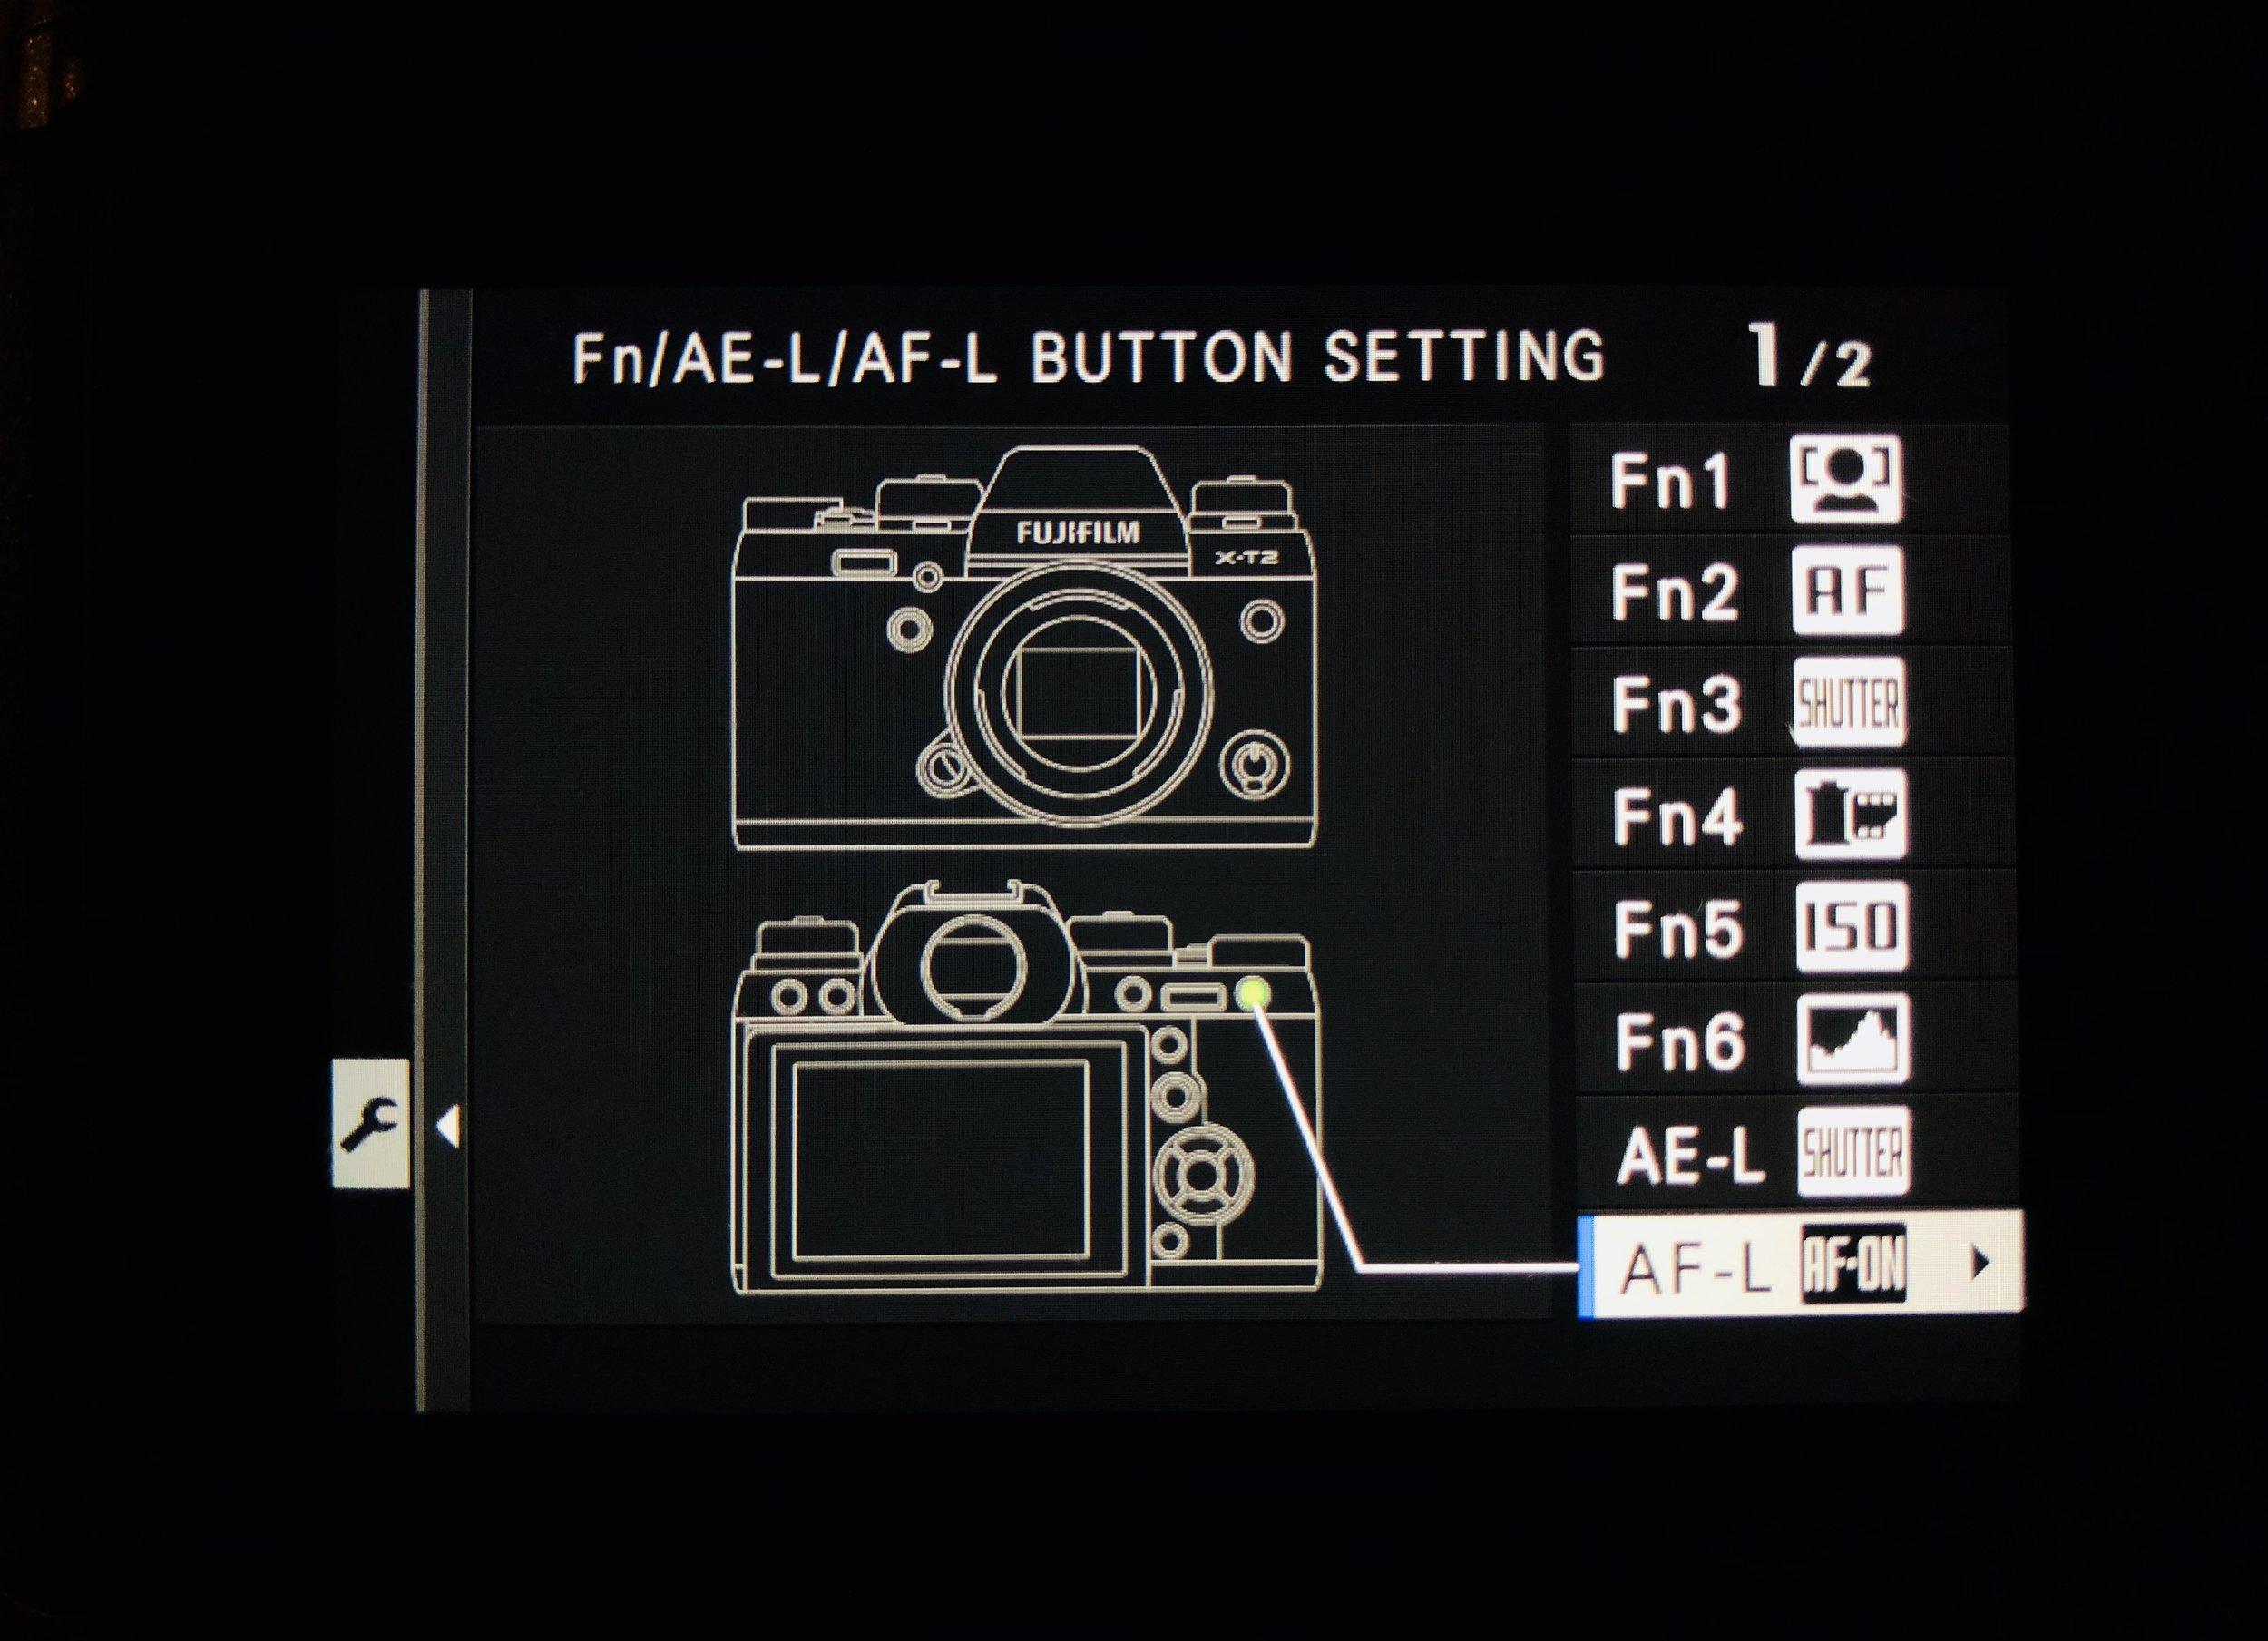 Set AF-L to AF-On - Set Up>Button/Dial Setting>Fn/AE-L/AF-L Button Setting>AF-L>AF-On